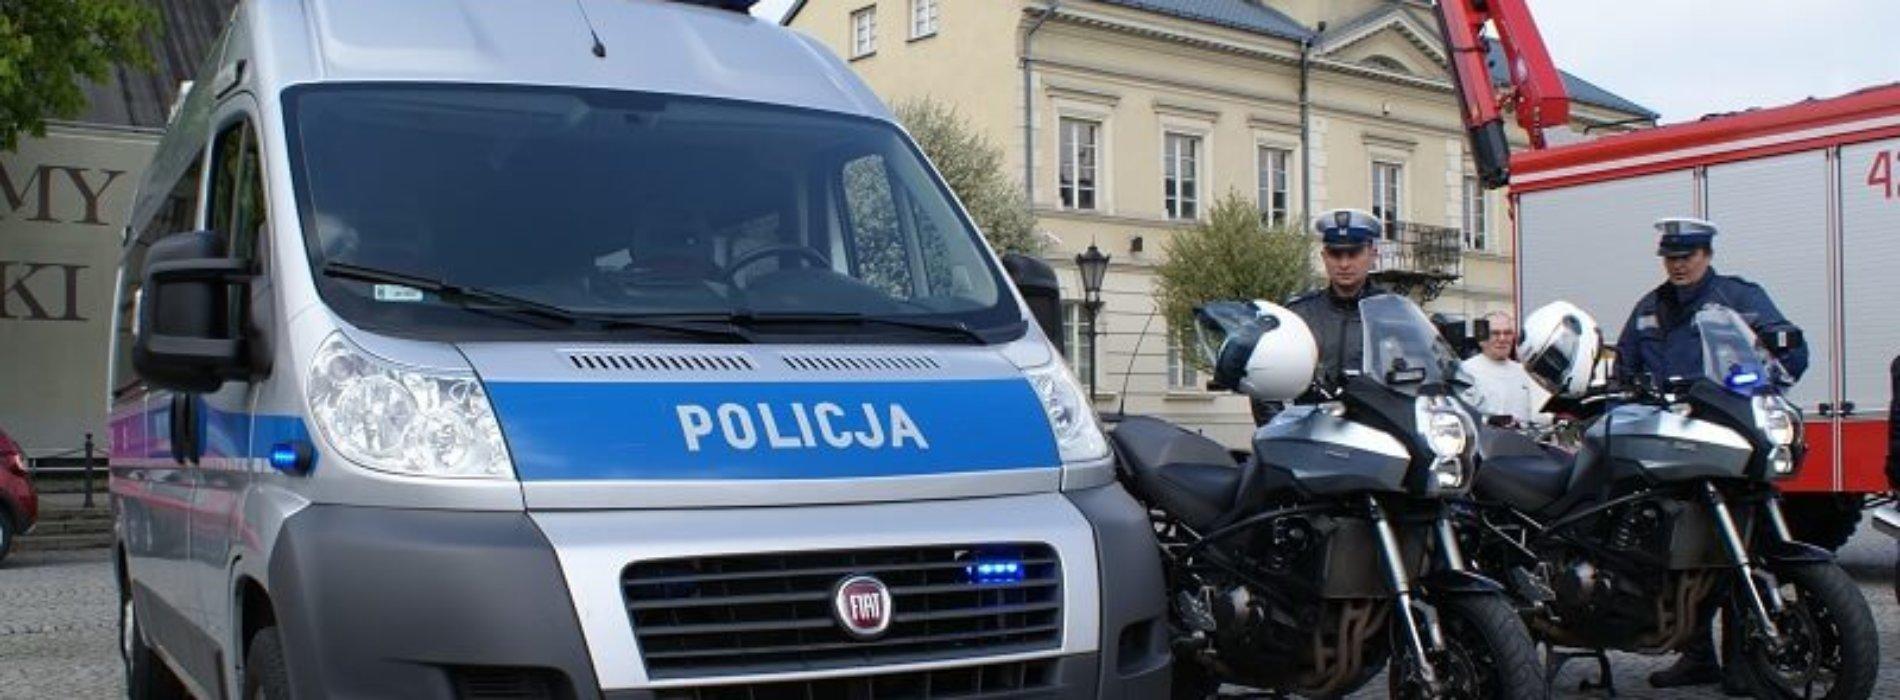 SEZON MOTOCYKLOWY ROZPOCZĘTY – RÓWNIEŻ DLA POLICJANTÓW